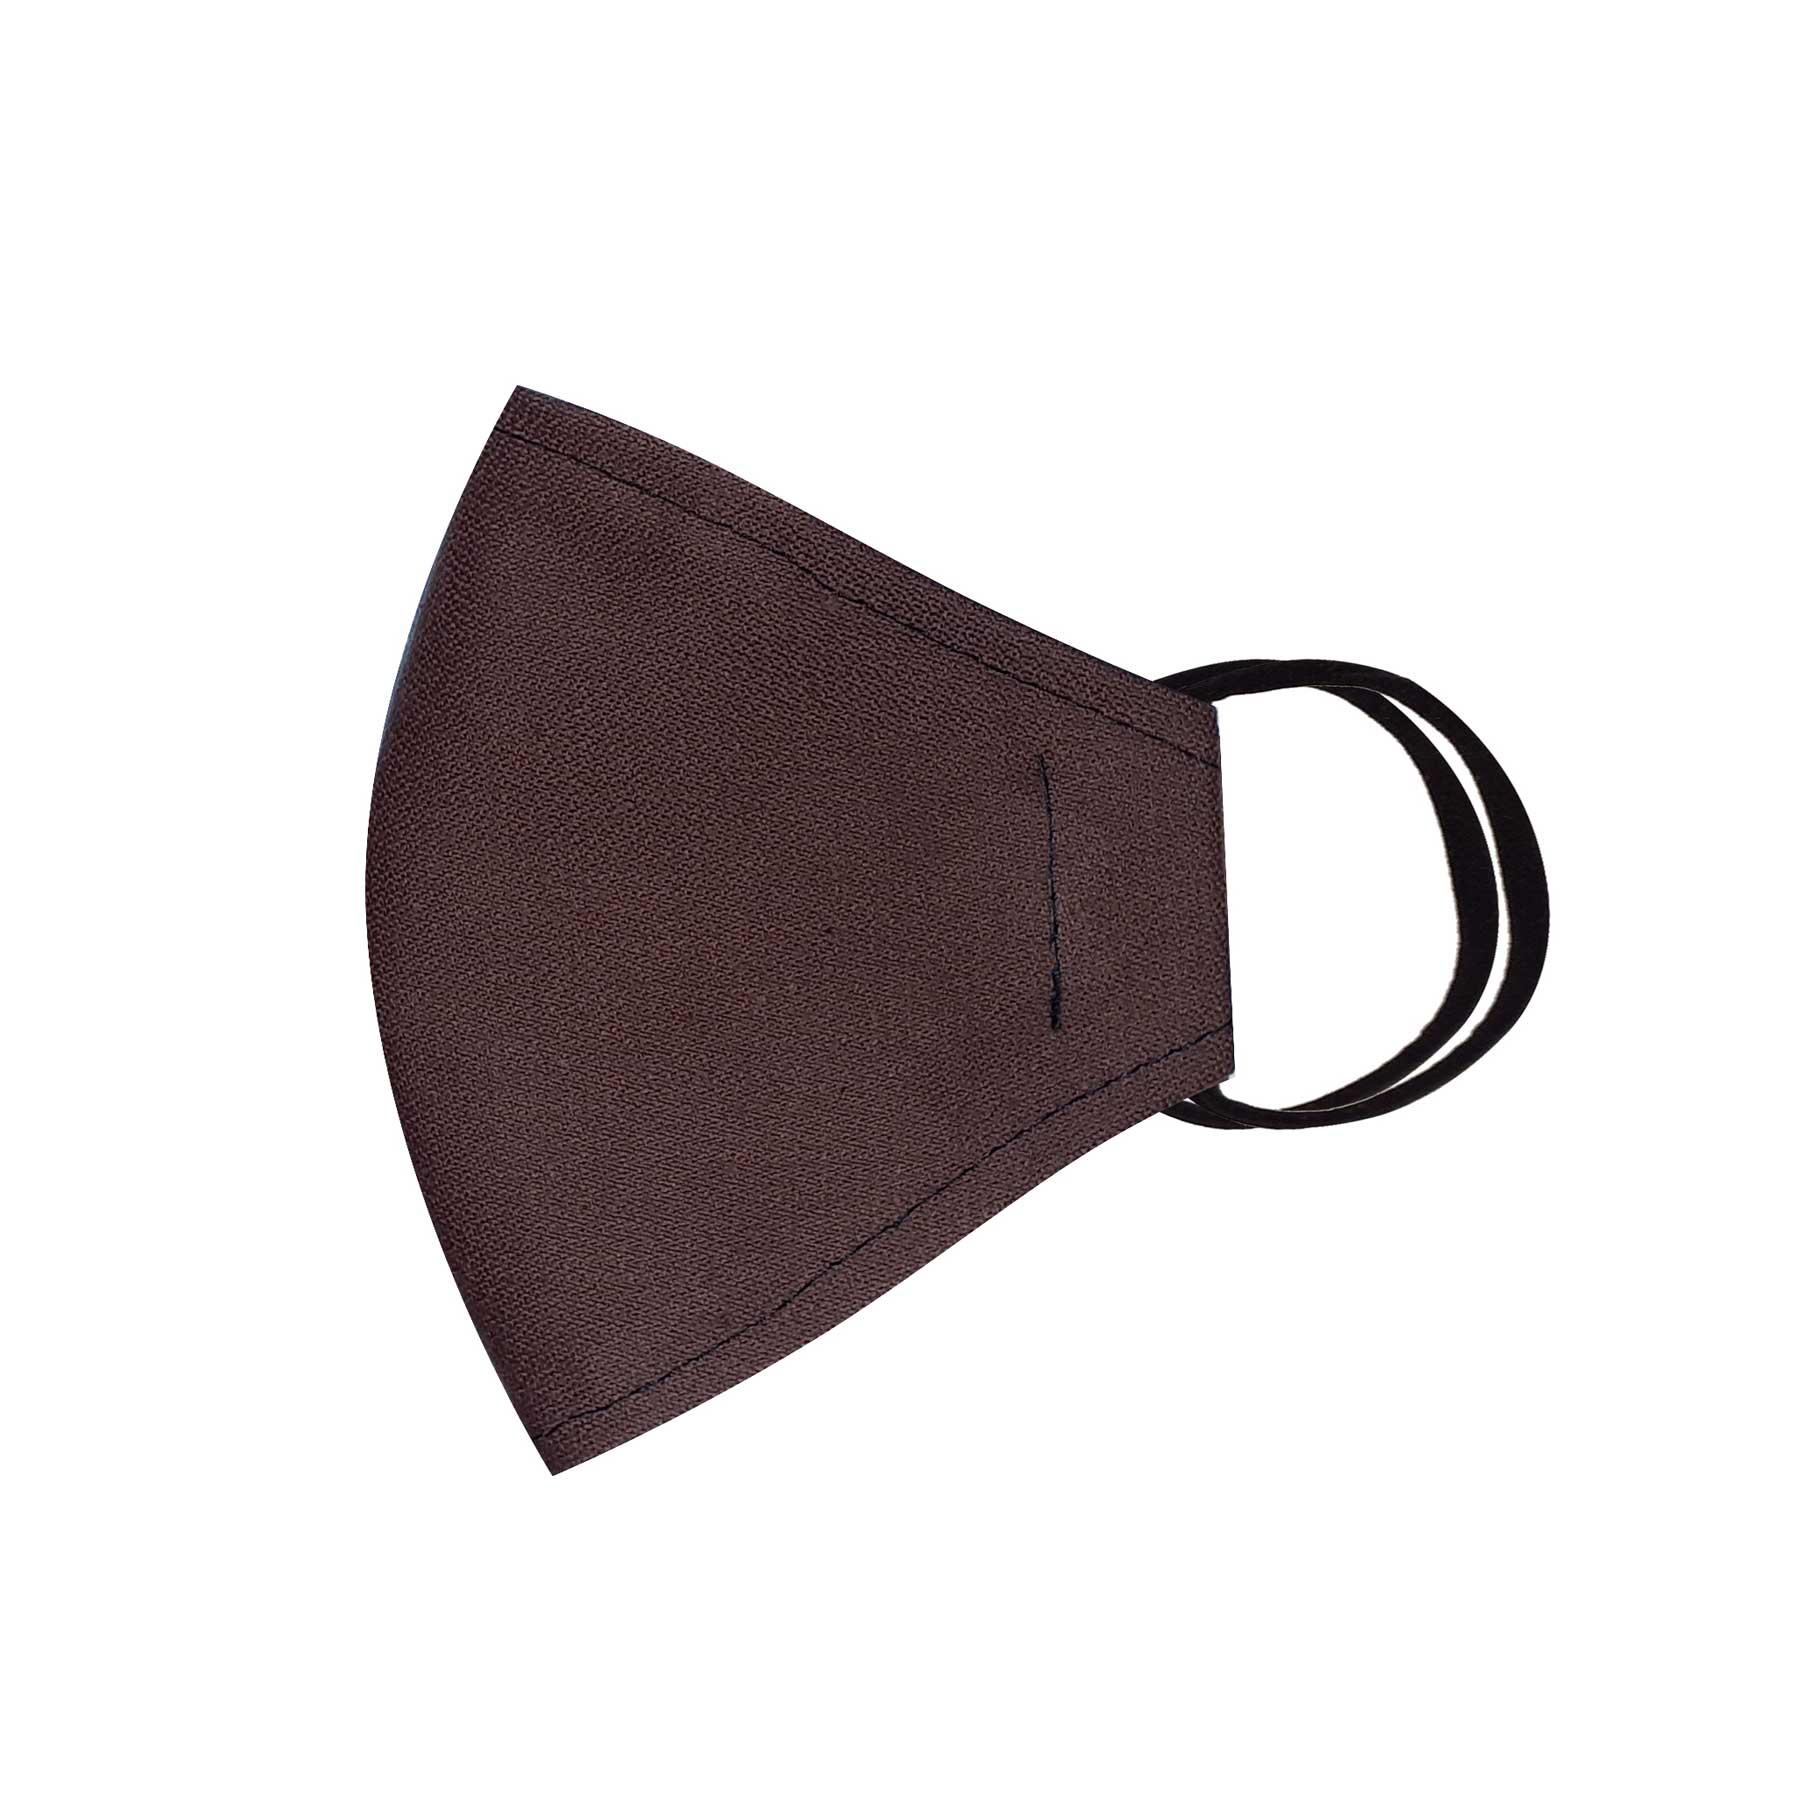 Módní třívrstvé bavlněné ústní roušky tvarované, tmavě hnědé s gumičkami dámské